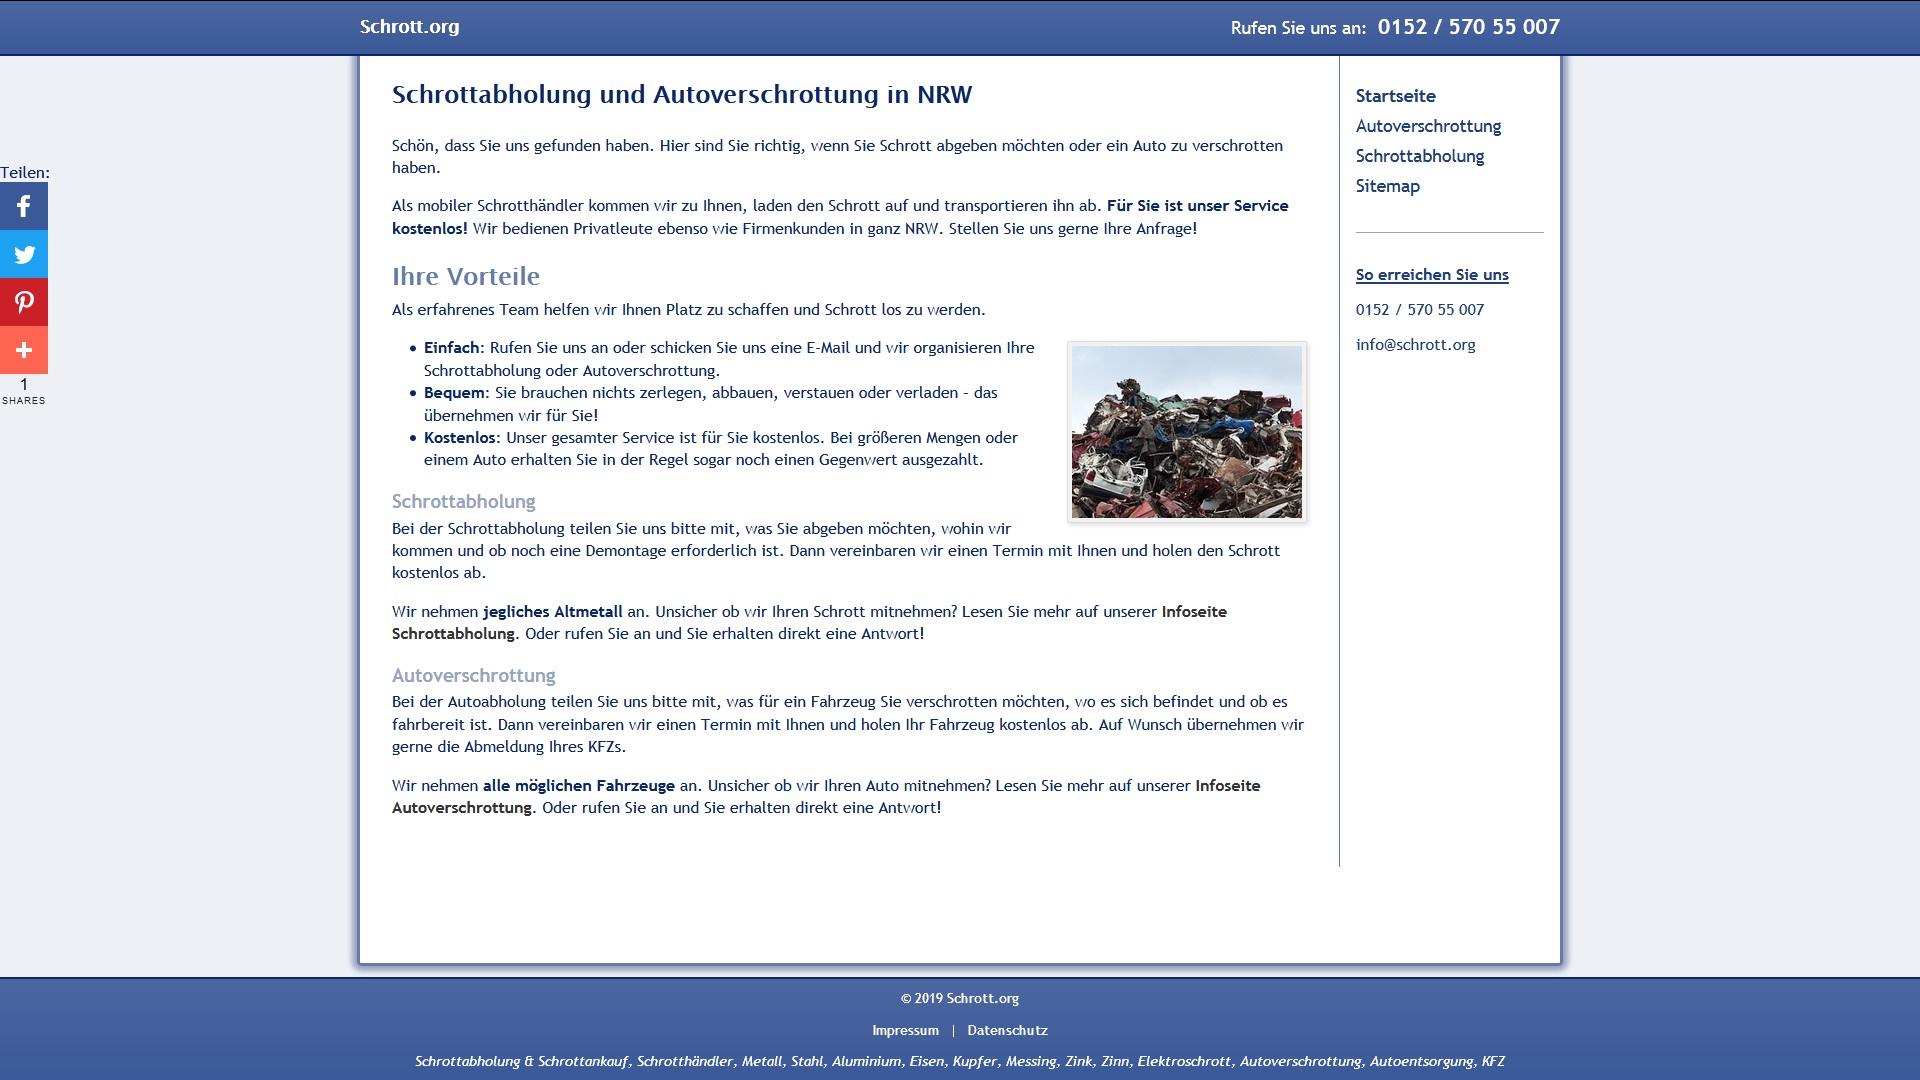 Schrott Abholung, Dienstleistungen in Nordrhein-Westfalen